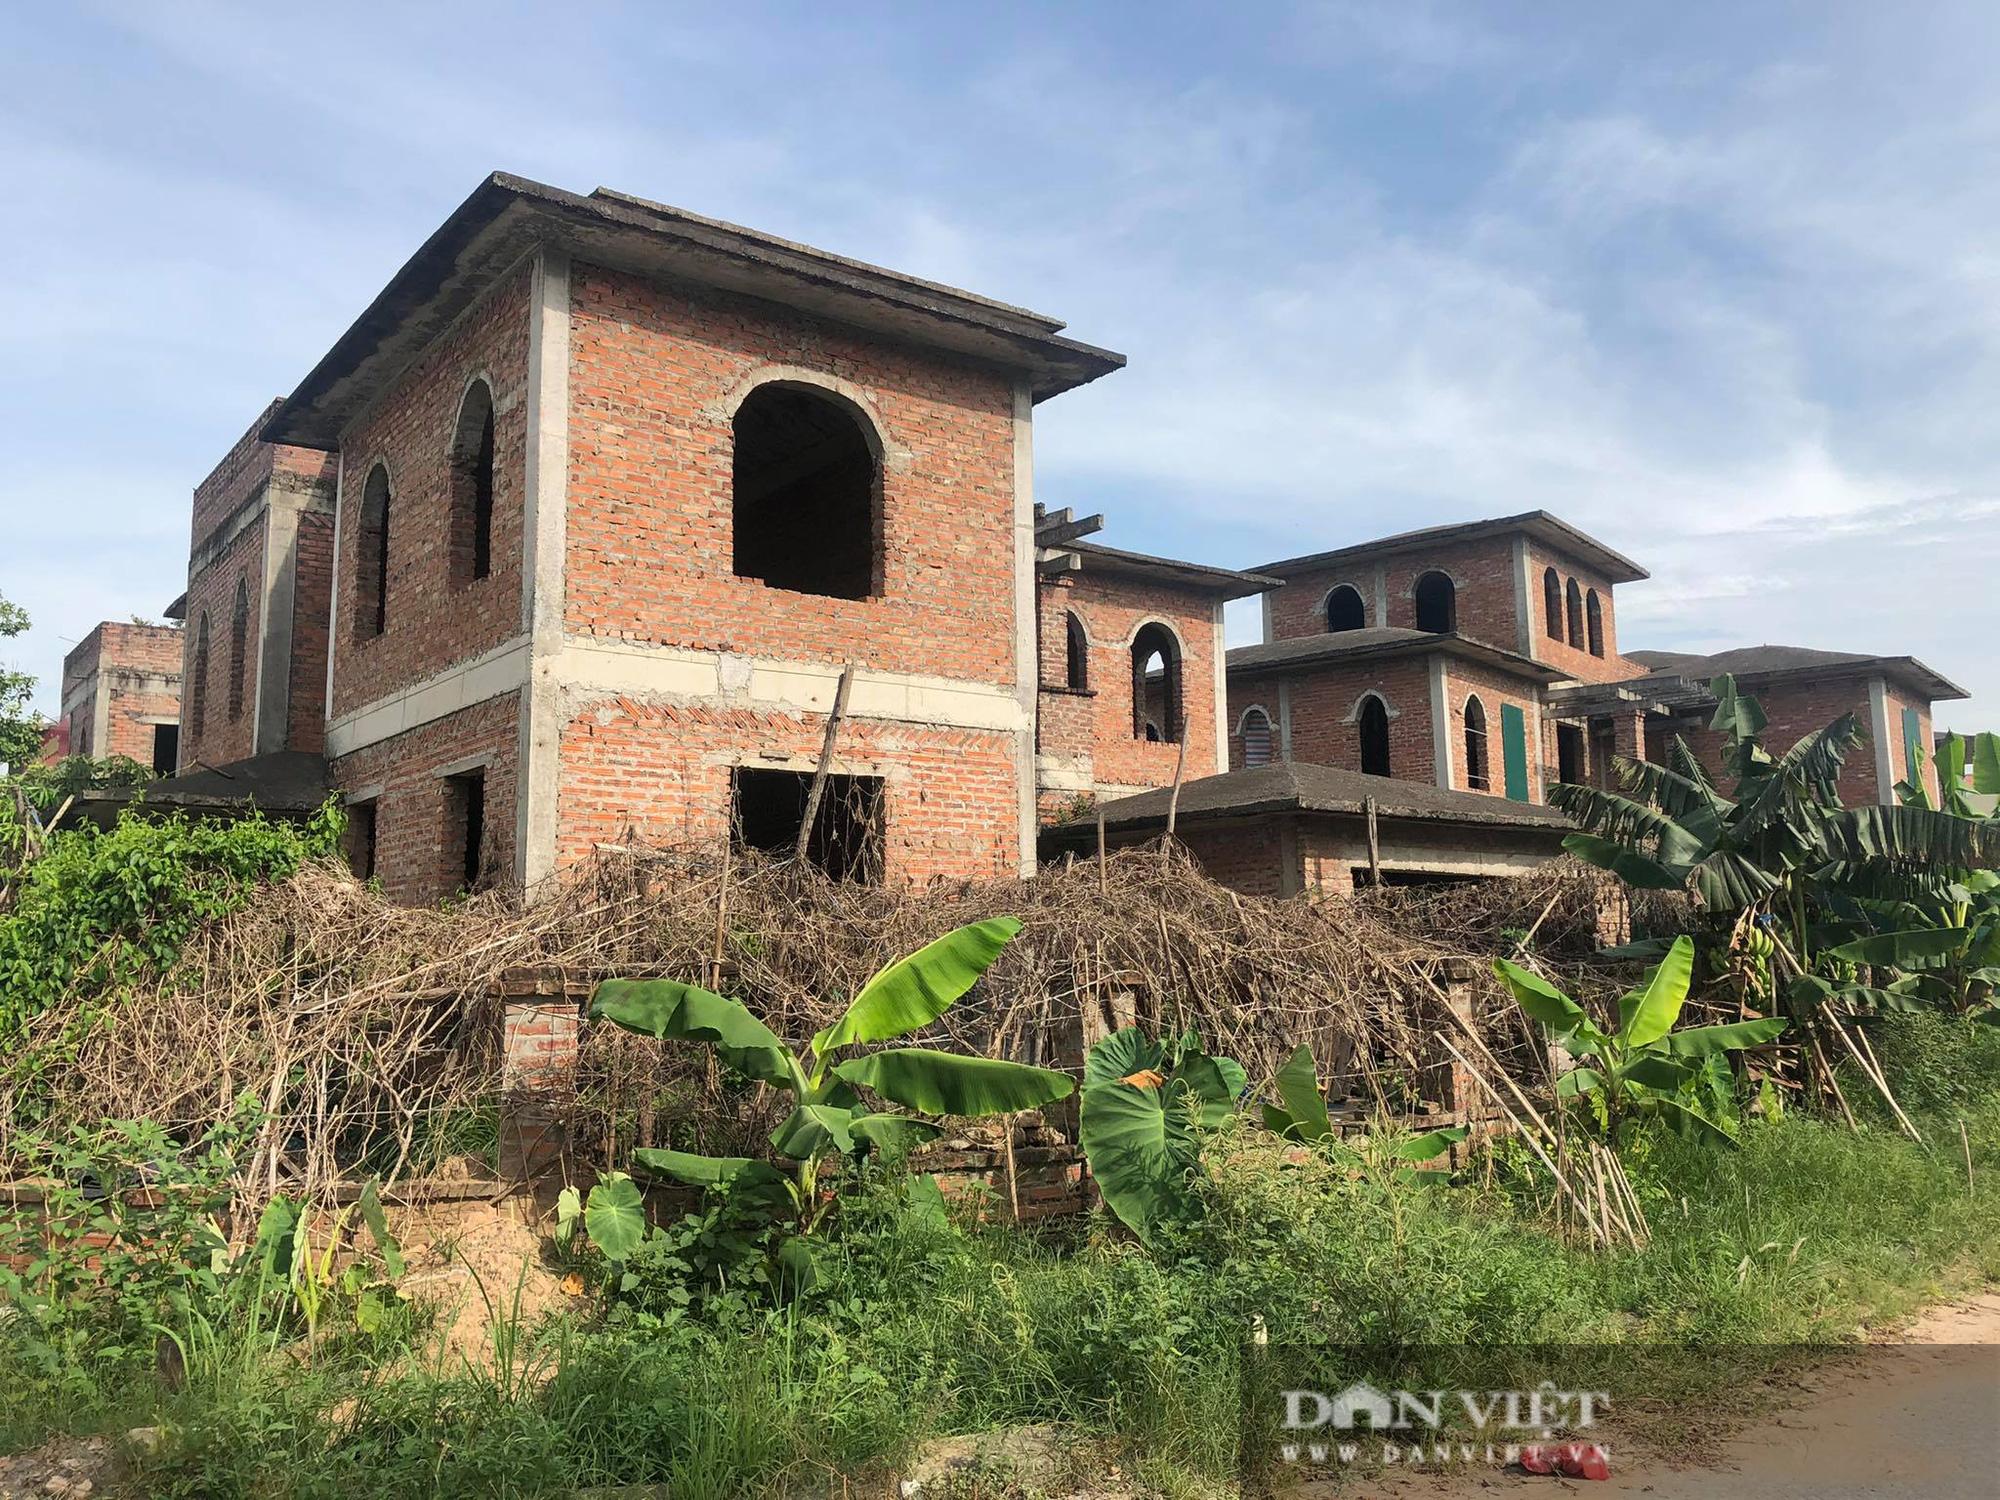 La liệt biệt thự chục tỷ đồng bỏ hoang ở Hà Nội - Ảnh 2.